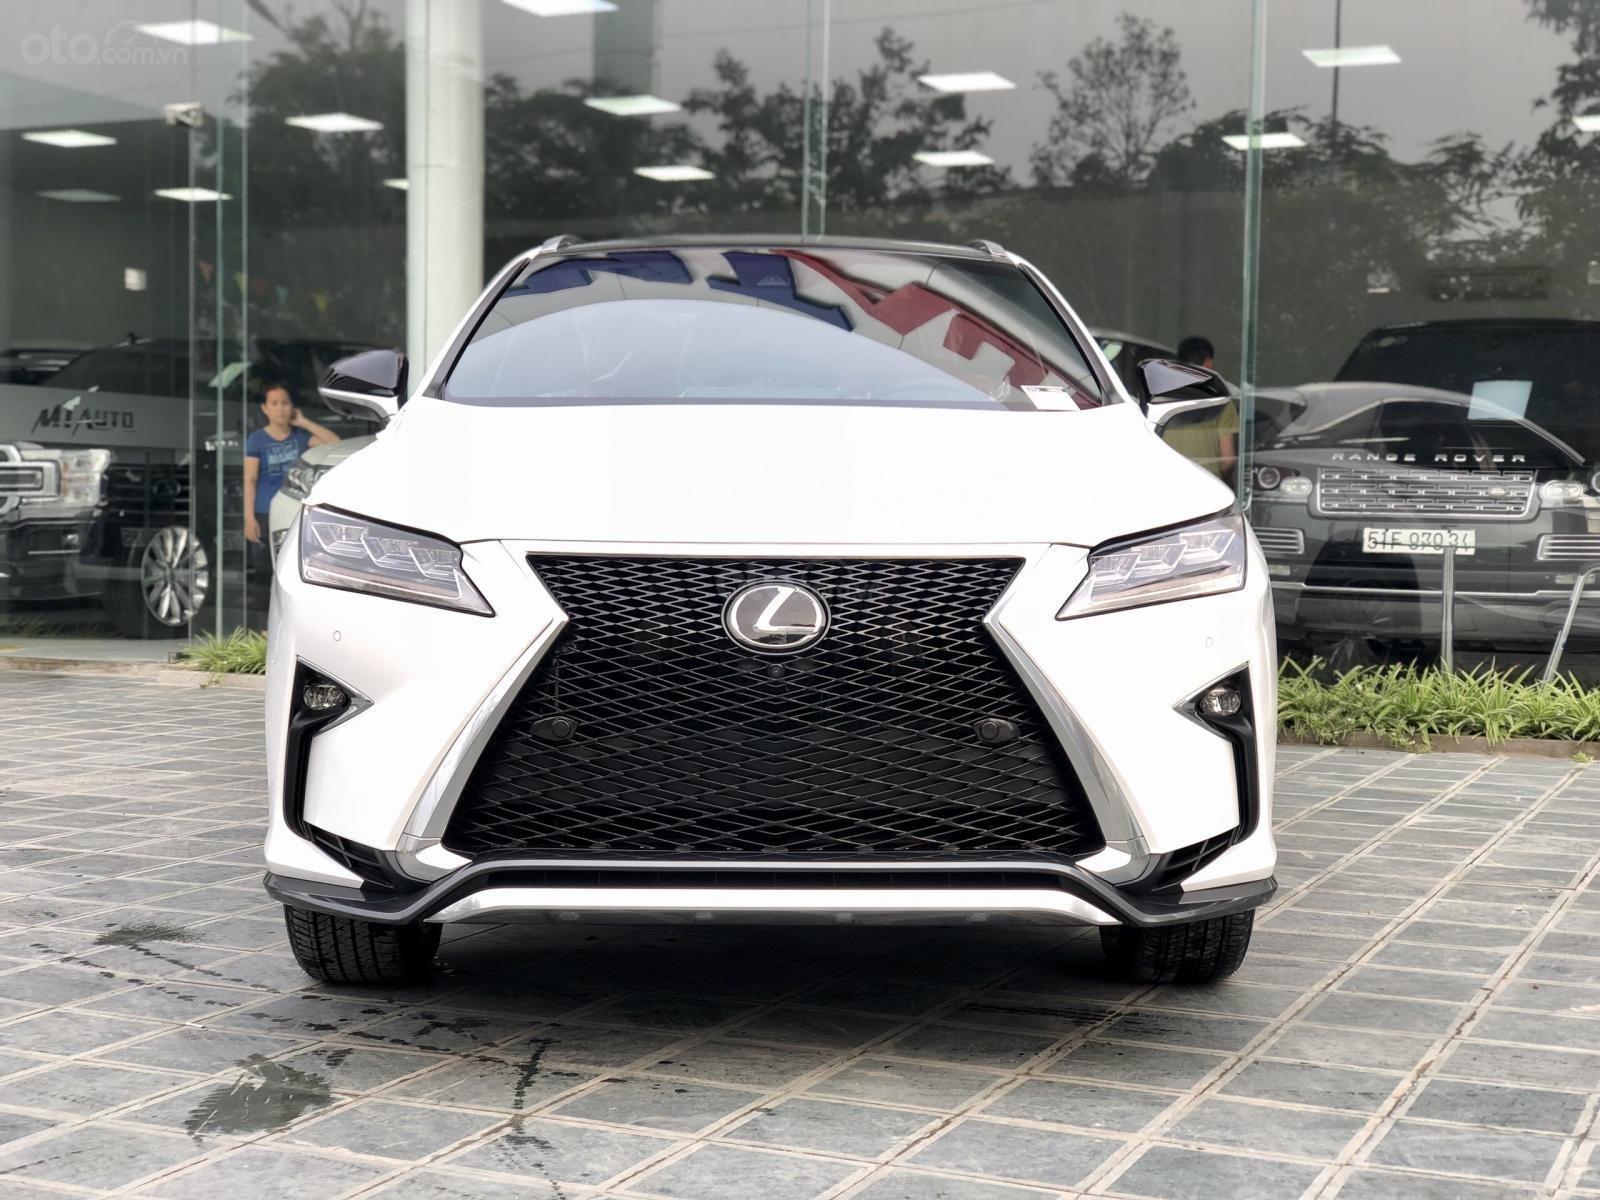 Bán xe Lexus RX350 Fsport 2019 màu trắng, mới 100% nhậP Mỹ. Trả trước 1 tỷ, bank hỗ trợ 80%. Em Lộc: 093.798.2266 (1)